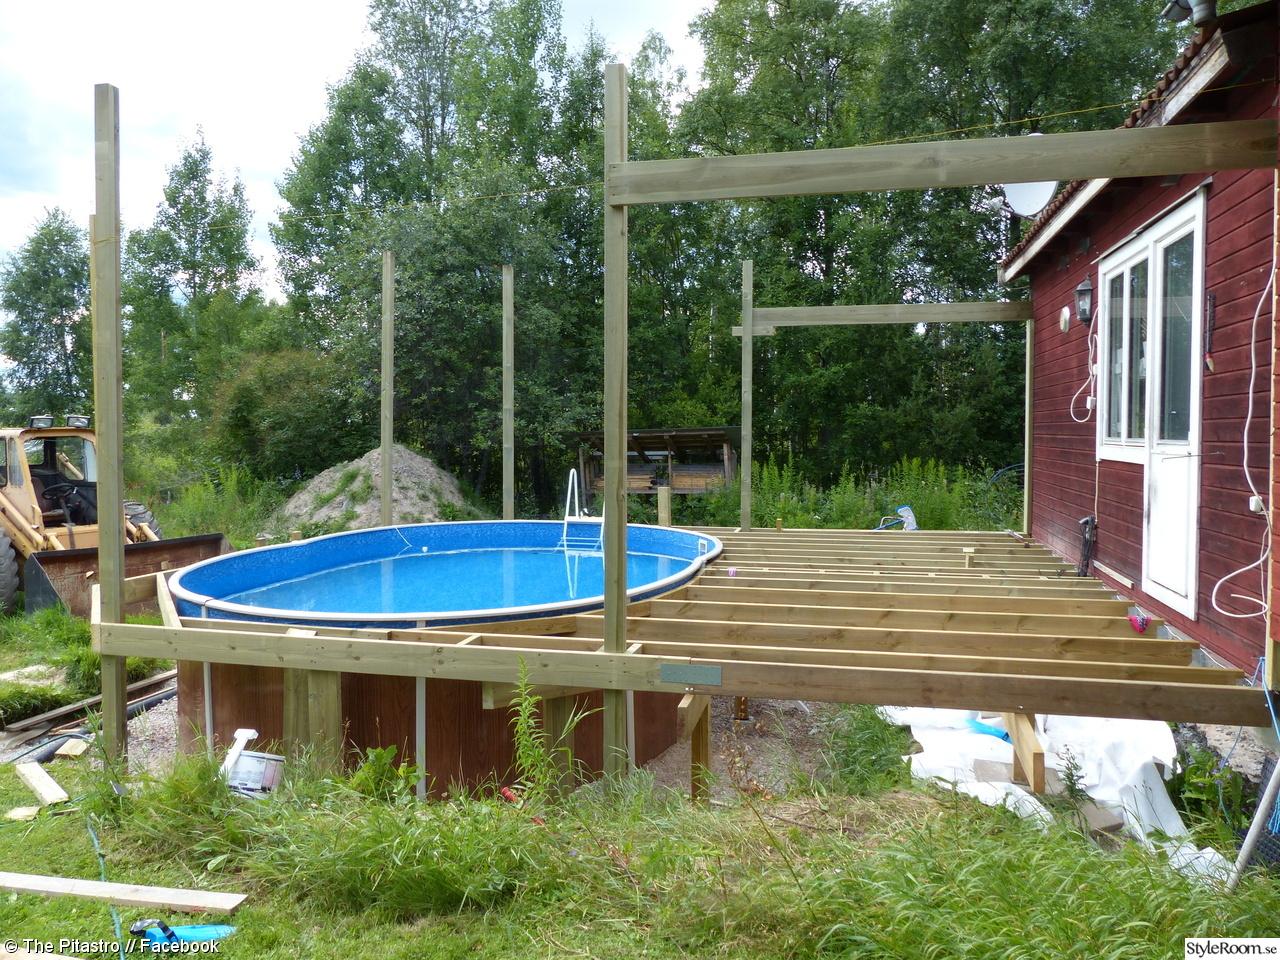 Poolrum for Pool billig